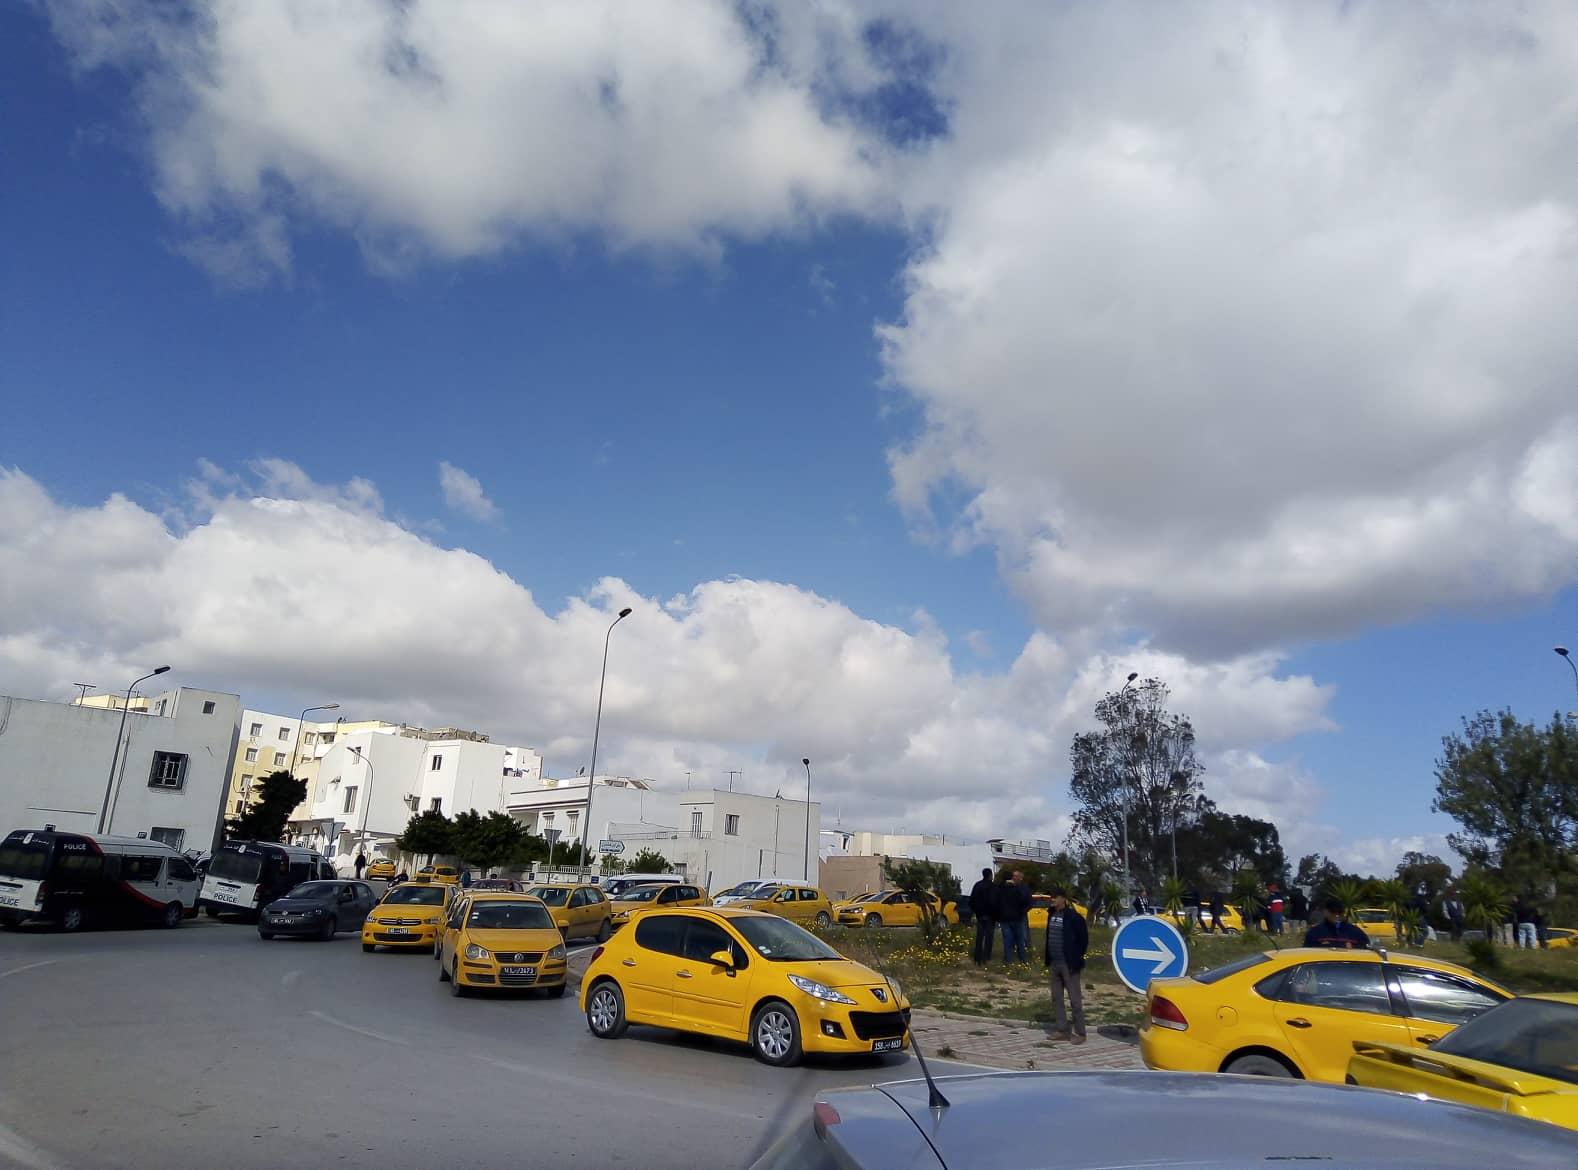 فوضى وتعطيل لحركة المرور في عدد من الجهات على خلفية احتجاجات سائقي التاكسي الفردي (صور)